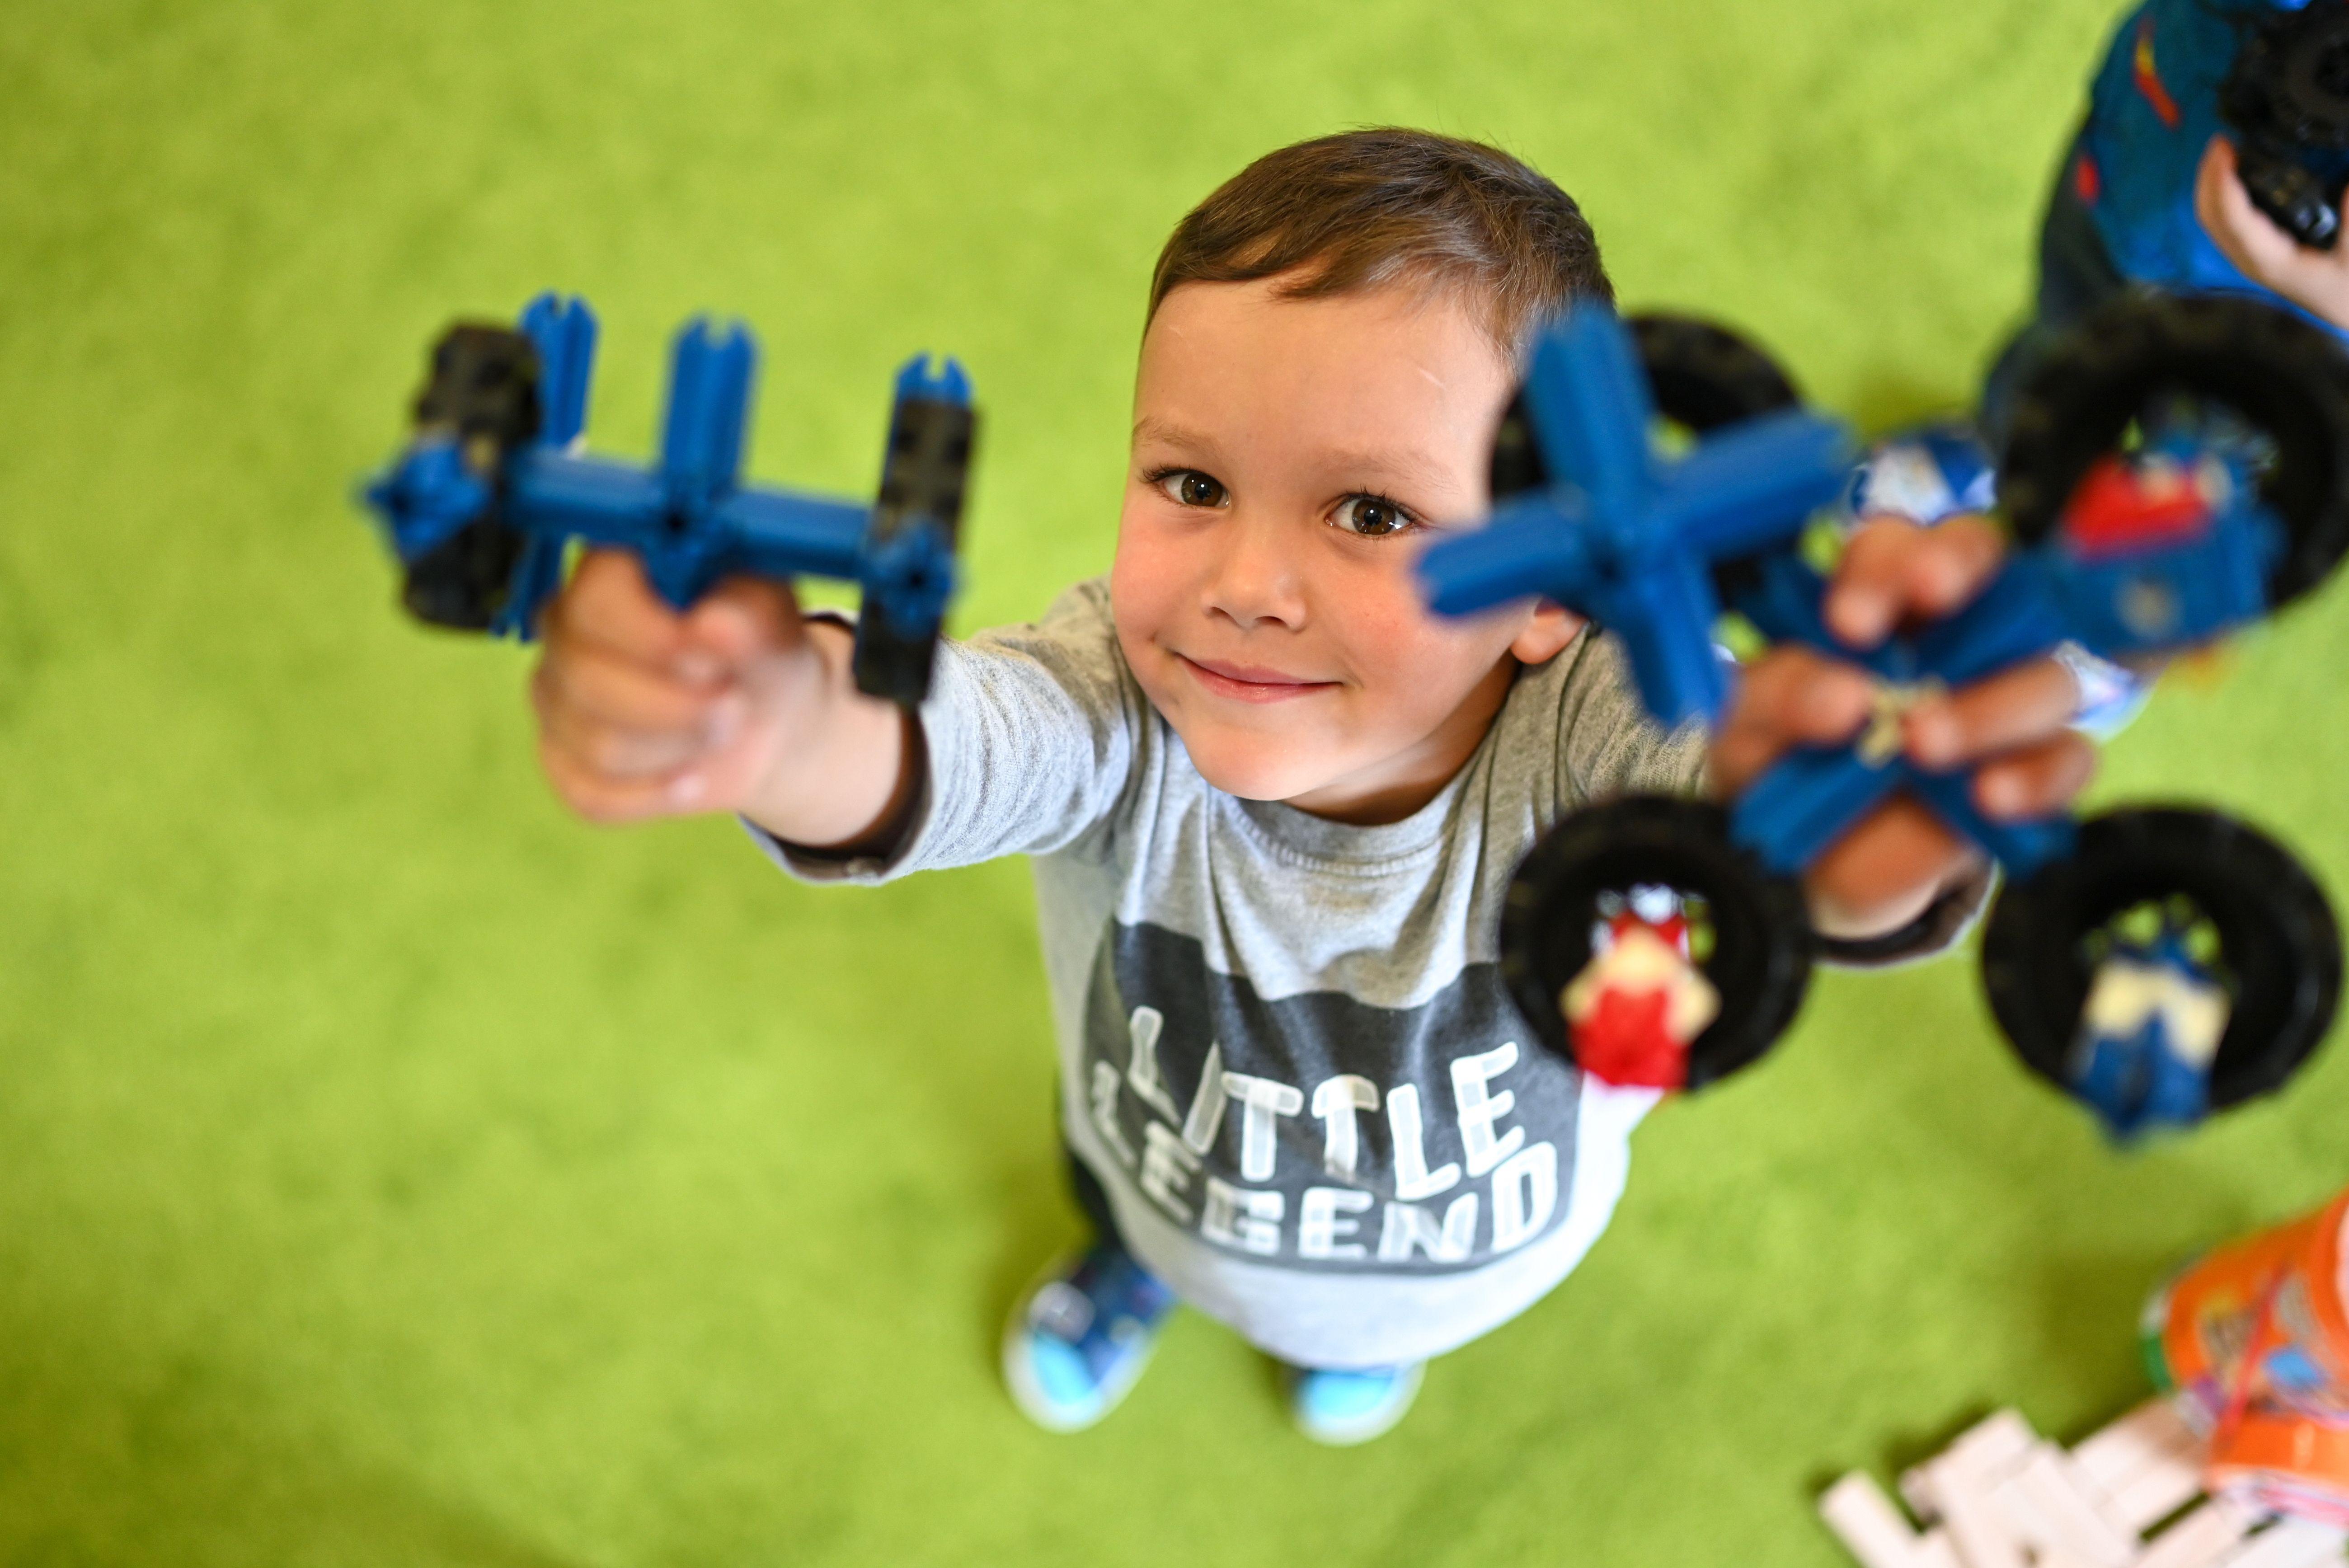 Kinder und Coronavirus: Weniger krank, aber genauso ansteckend?